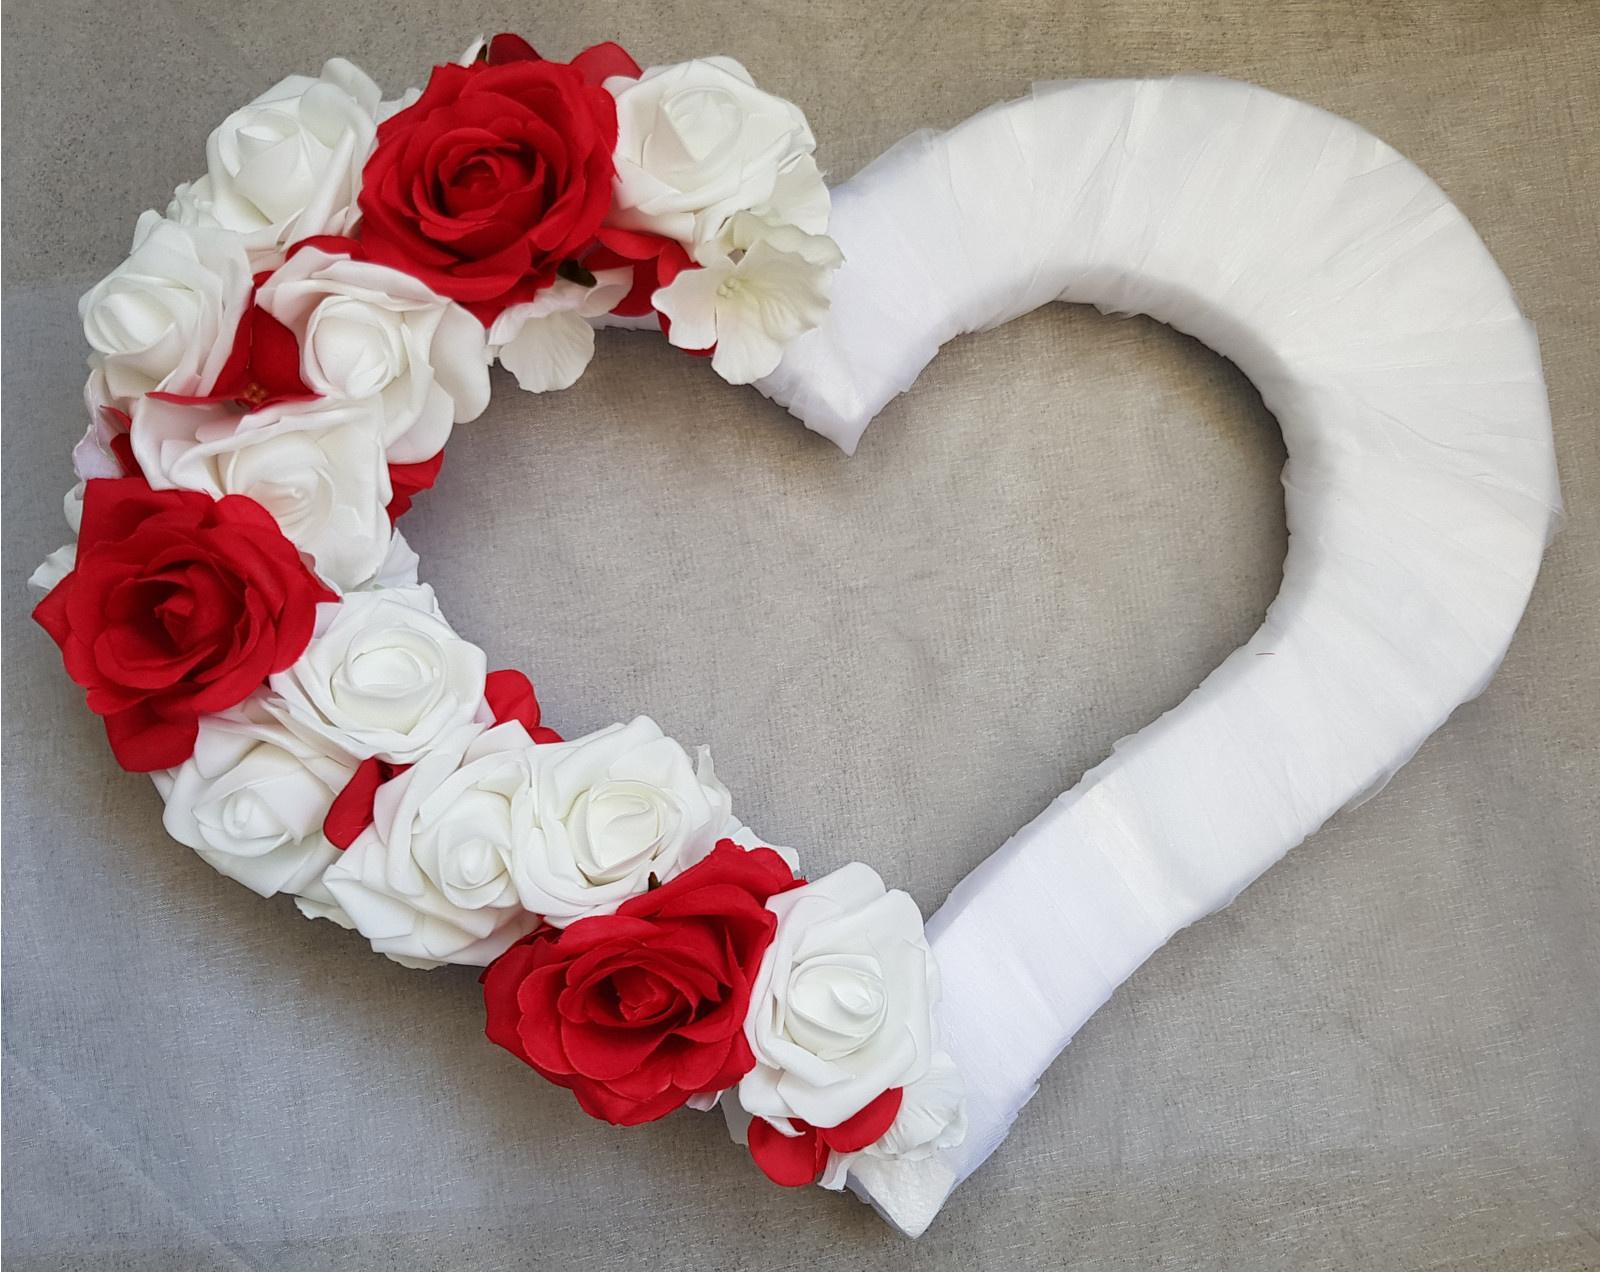 Srdce na kapotu bílá a červená - Obrázek č. 1